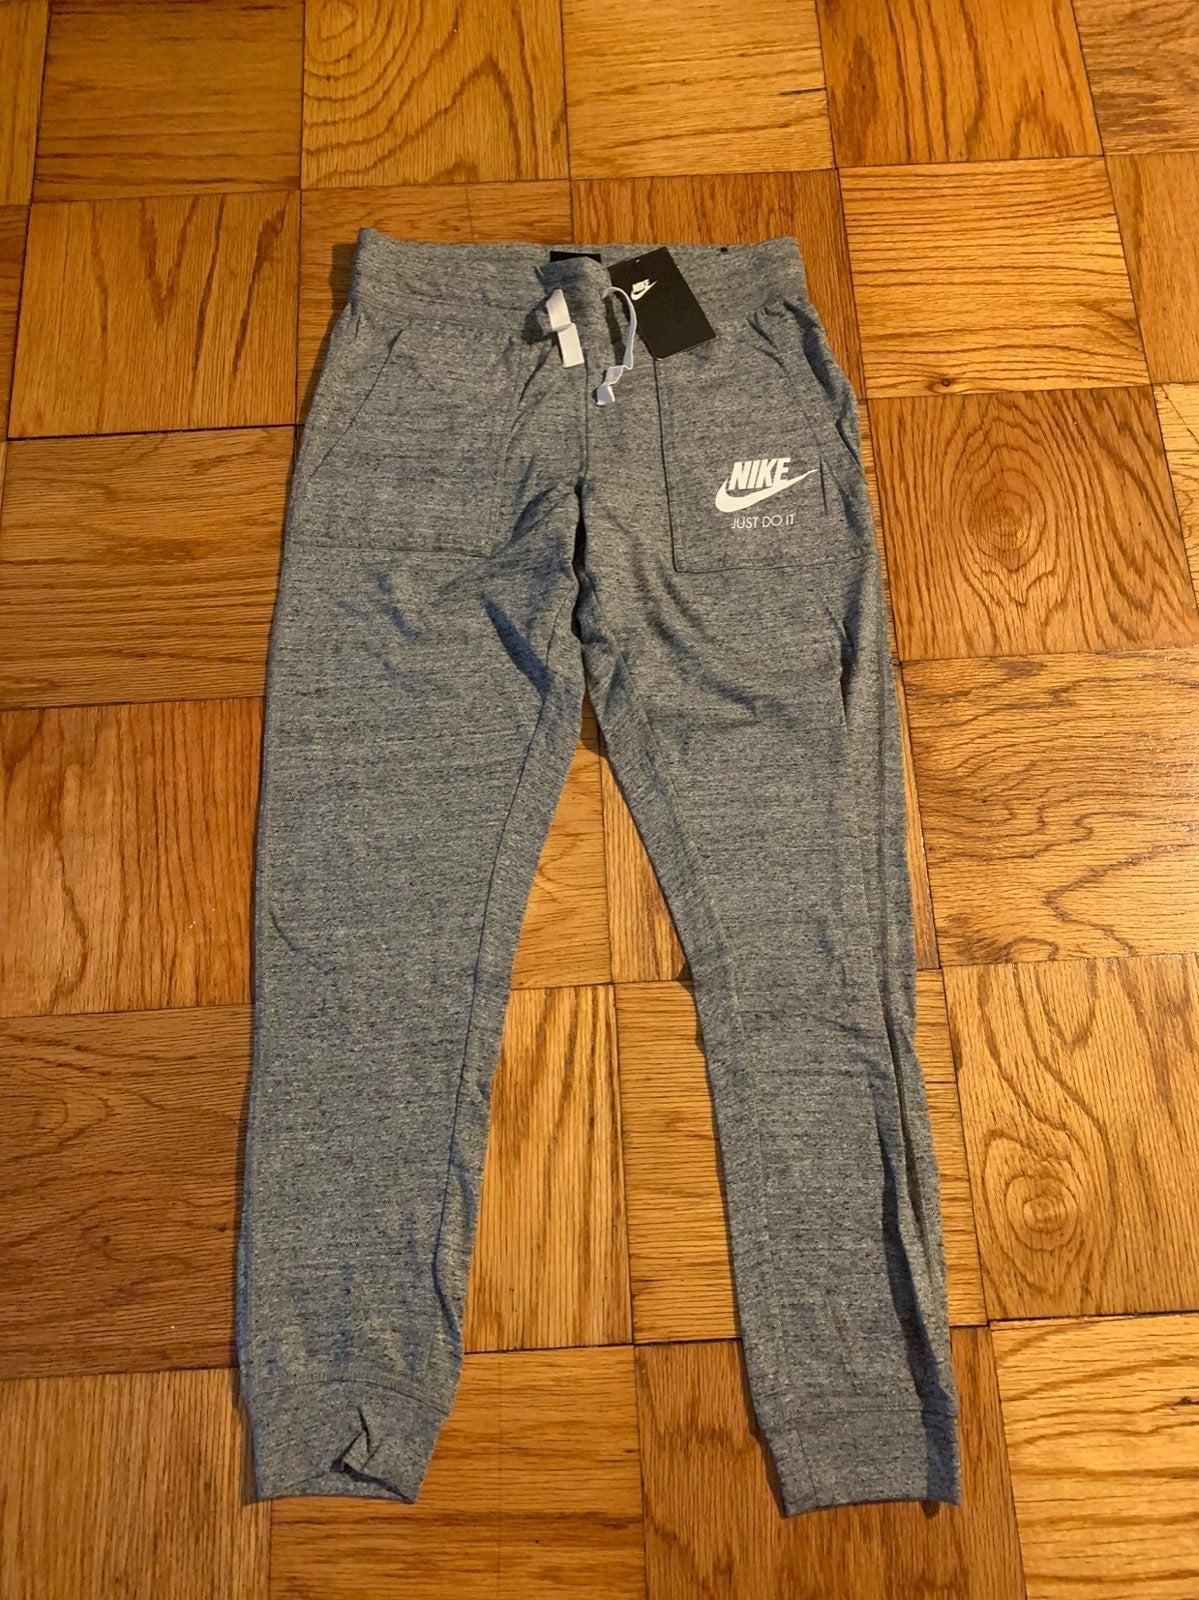 Nike sweatpants women